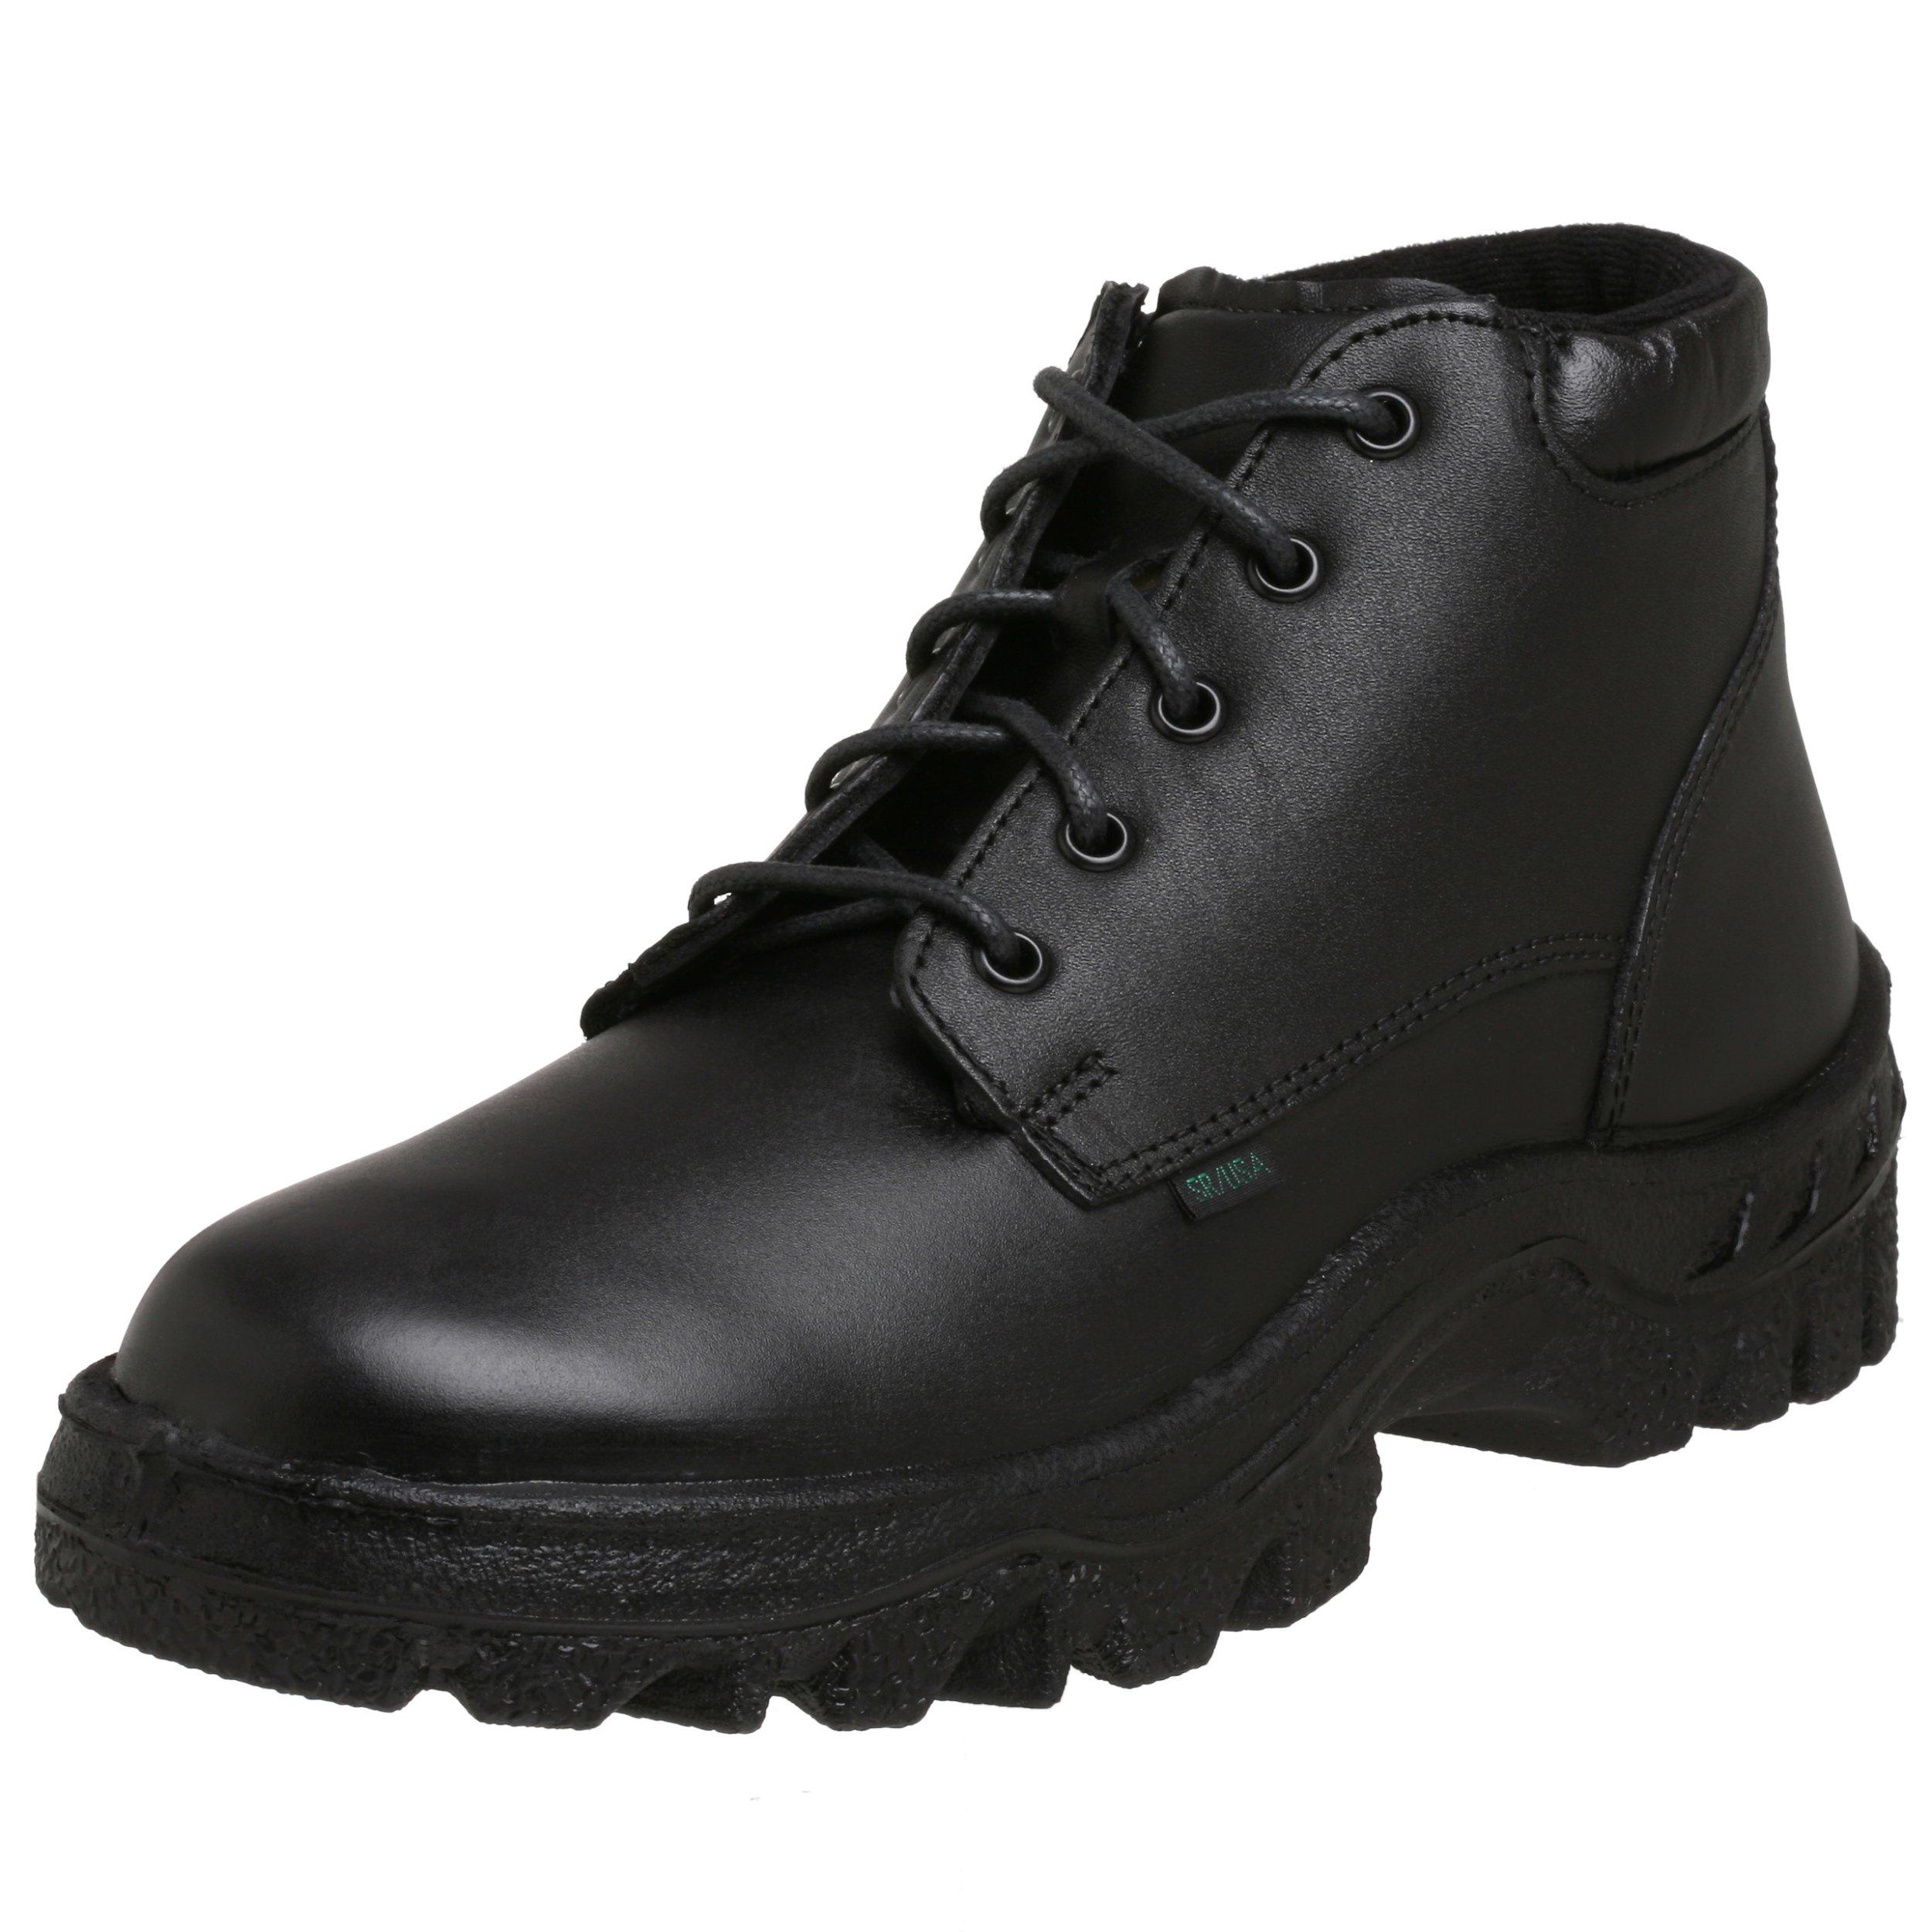 Rocky Duty Men's Modern Duty TMC,Black,10.5 W